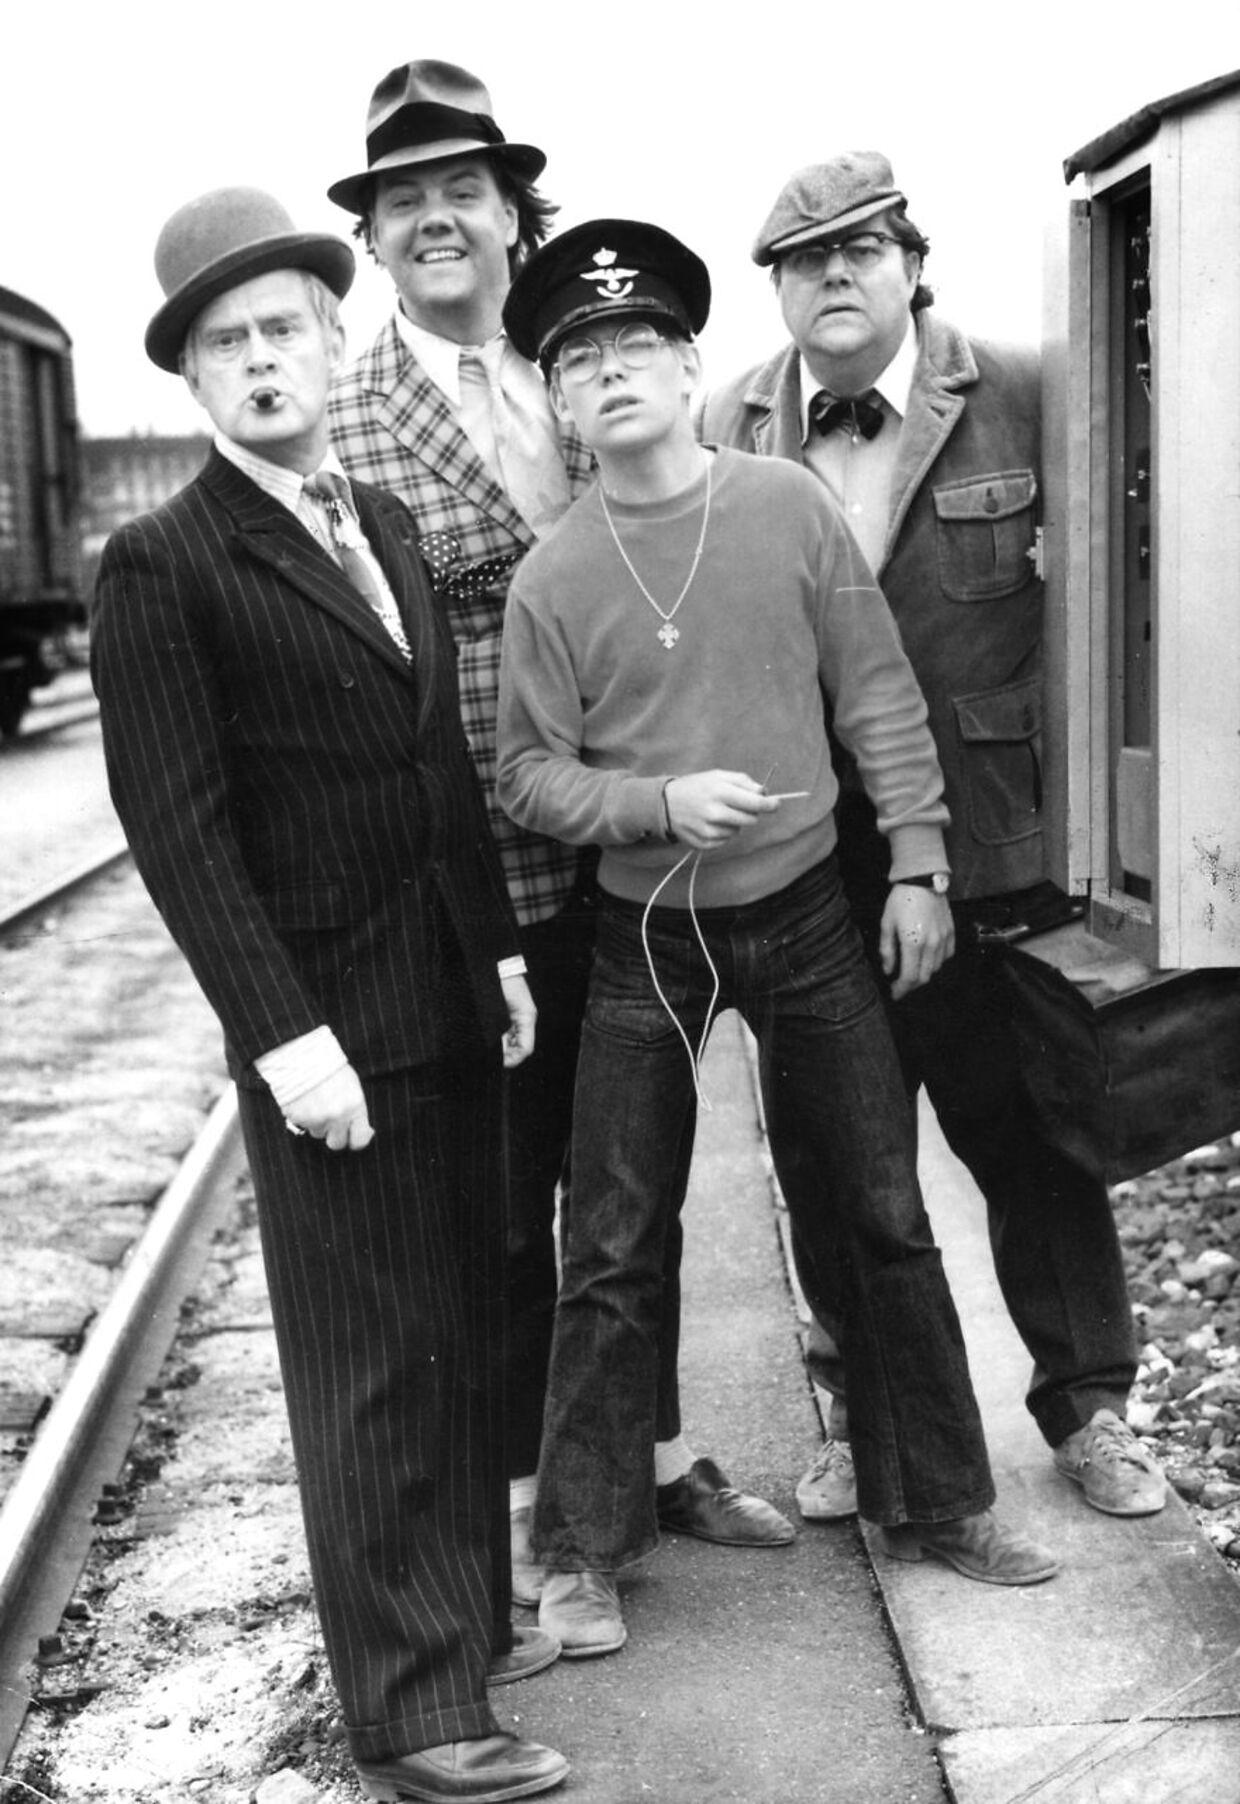 'Olsenbanden' på sporet: Fra venstre ses: Ove Sprogøe, Morten Grunwald, Jes Holtsø og Poul Bundgaard.